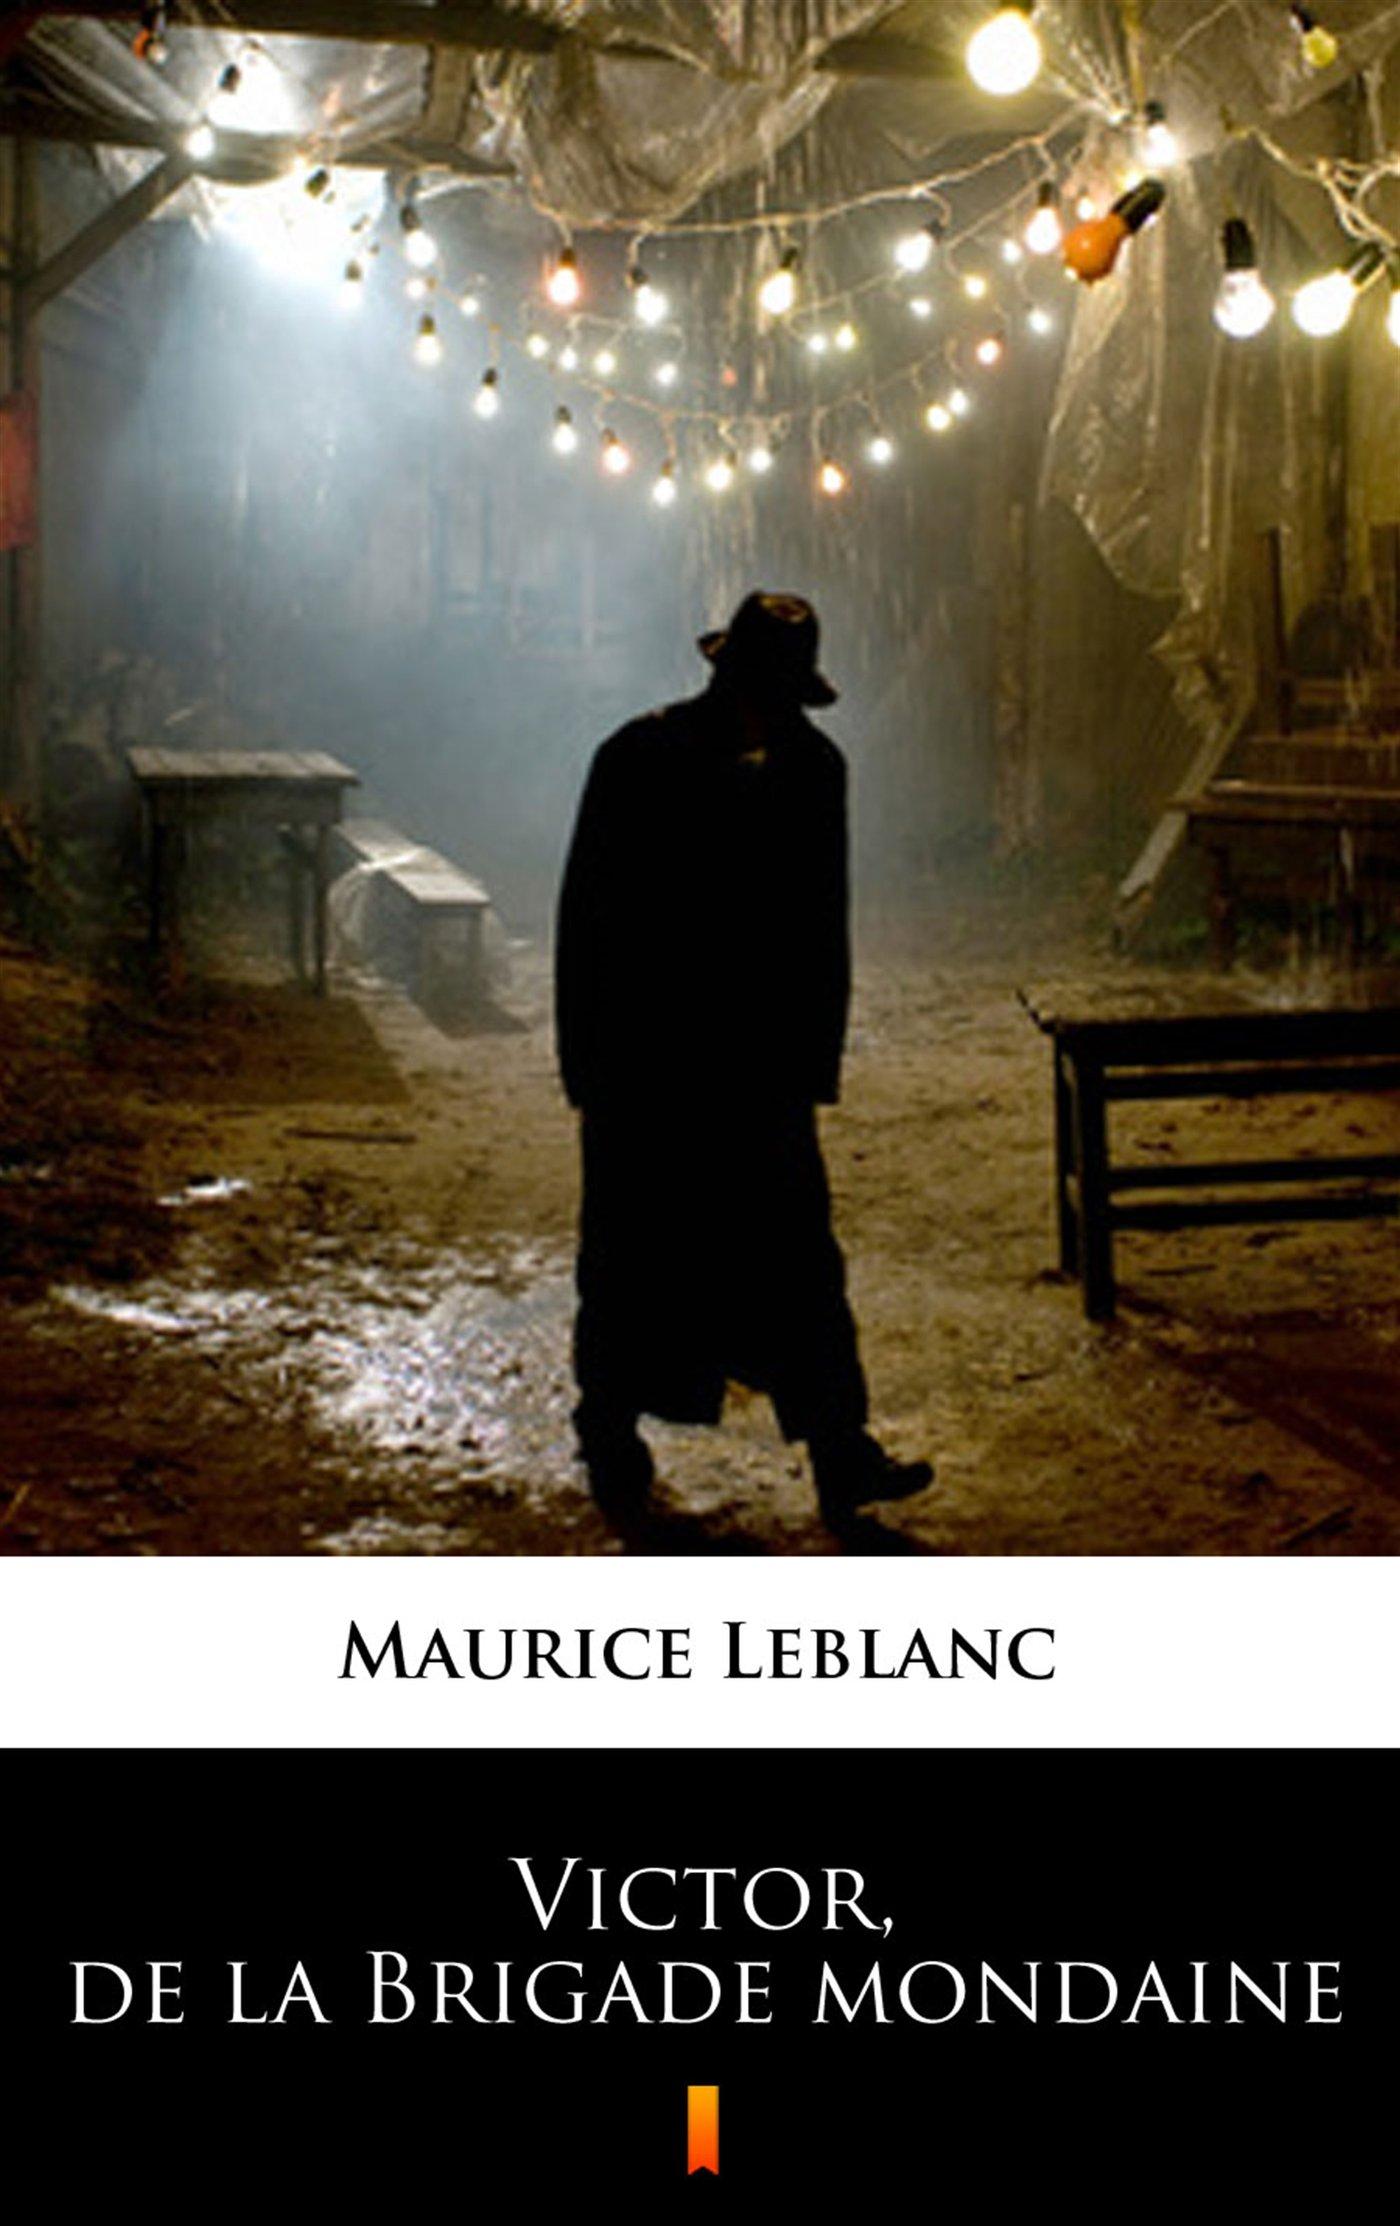 Victor, de la Brigade mondaine - Ebook (Książka EPUB) do pobrania w formacie EPUB